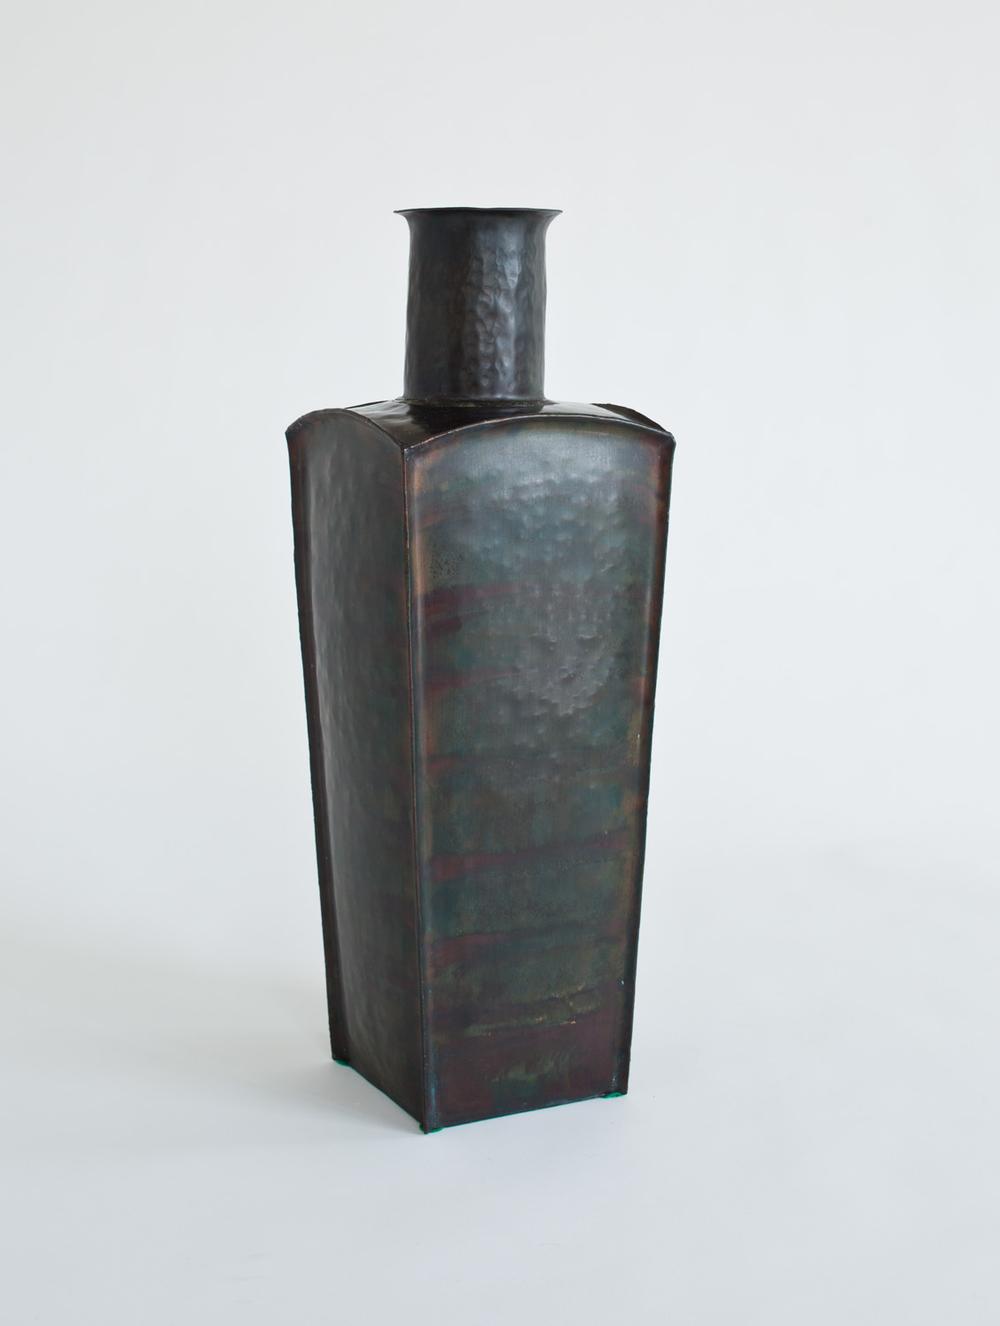 Kang Hsi Vase